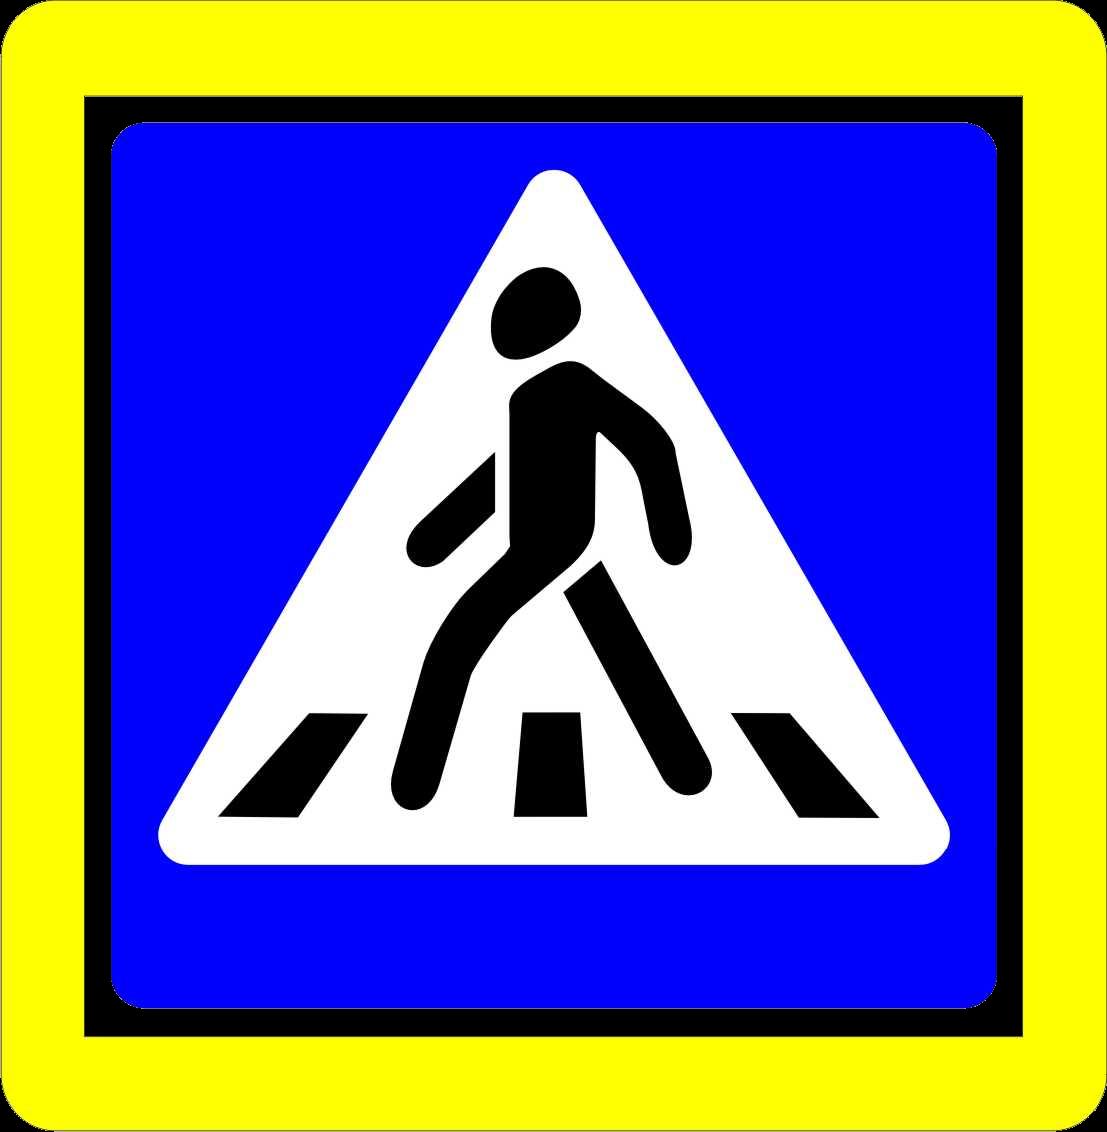 ГИБДД против нового формата дорожных знаков и старой доброй логики